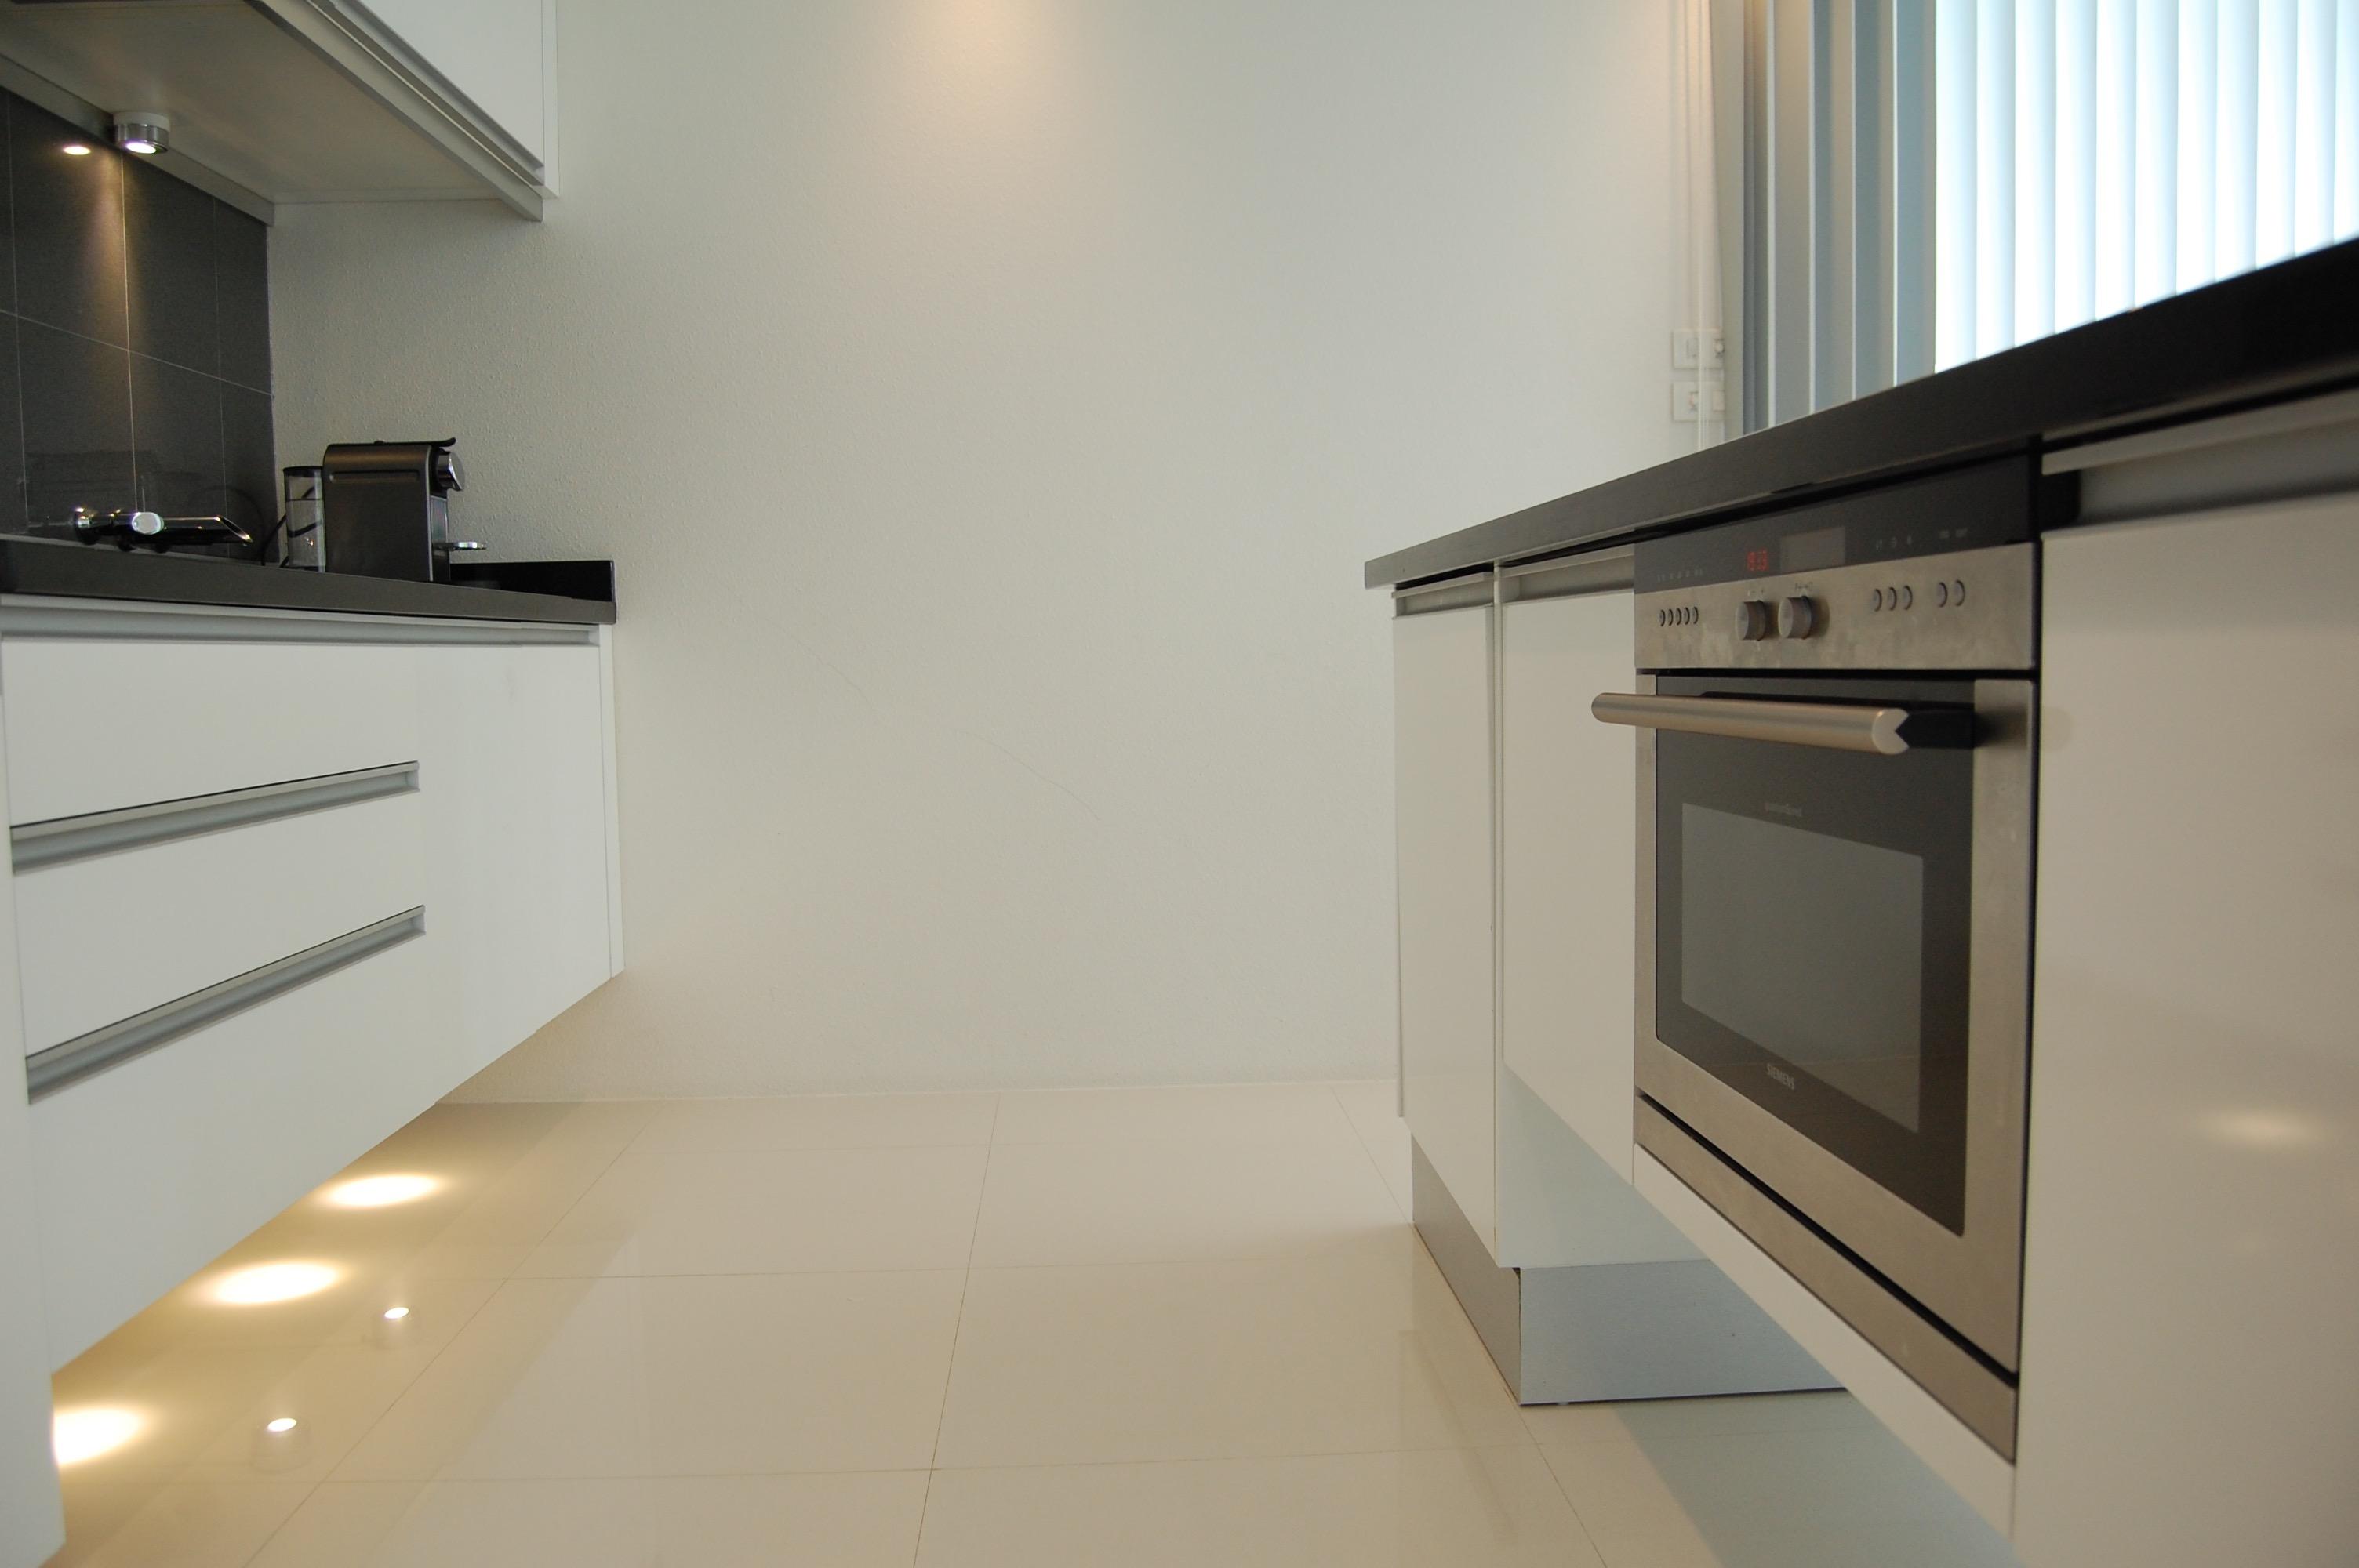 kitchens (19)